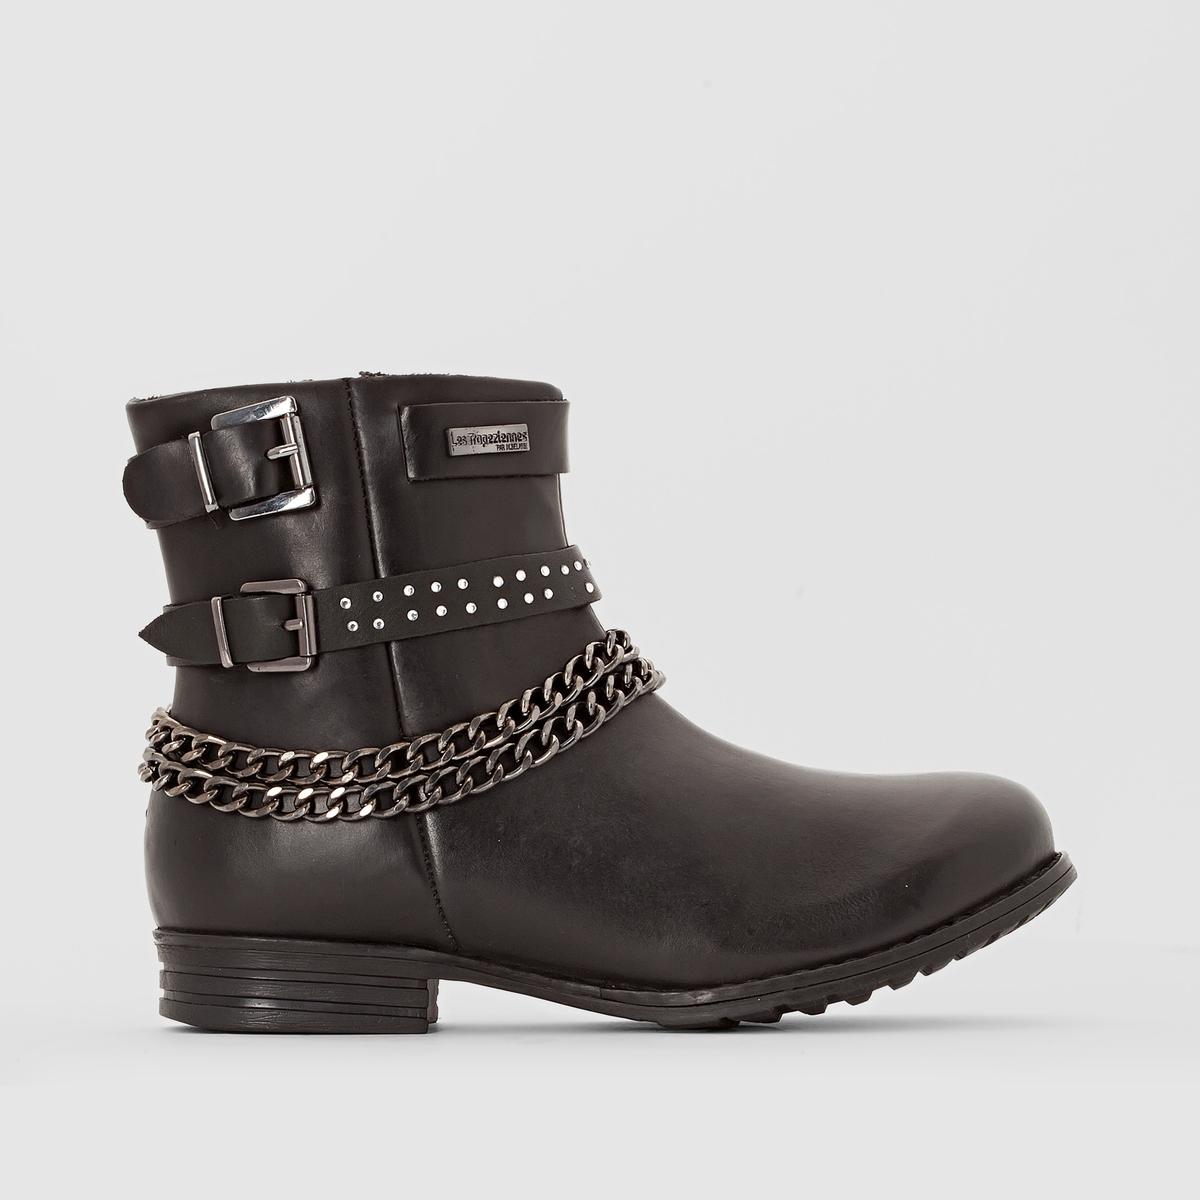 Ботинки кожаные, KarlПодкладка: Текстиль.            Стелька: Текстиль.            Подошва: Синтетический материал.         Высота голенища: 8 см. Форма каблука: Широкая.  Мысок: Круглый.     Застежка: На молнию.<br><br>Цвет: черный<br>Размер: 37.38.40